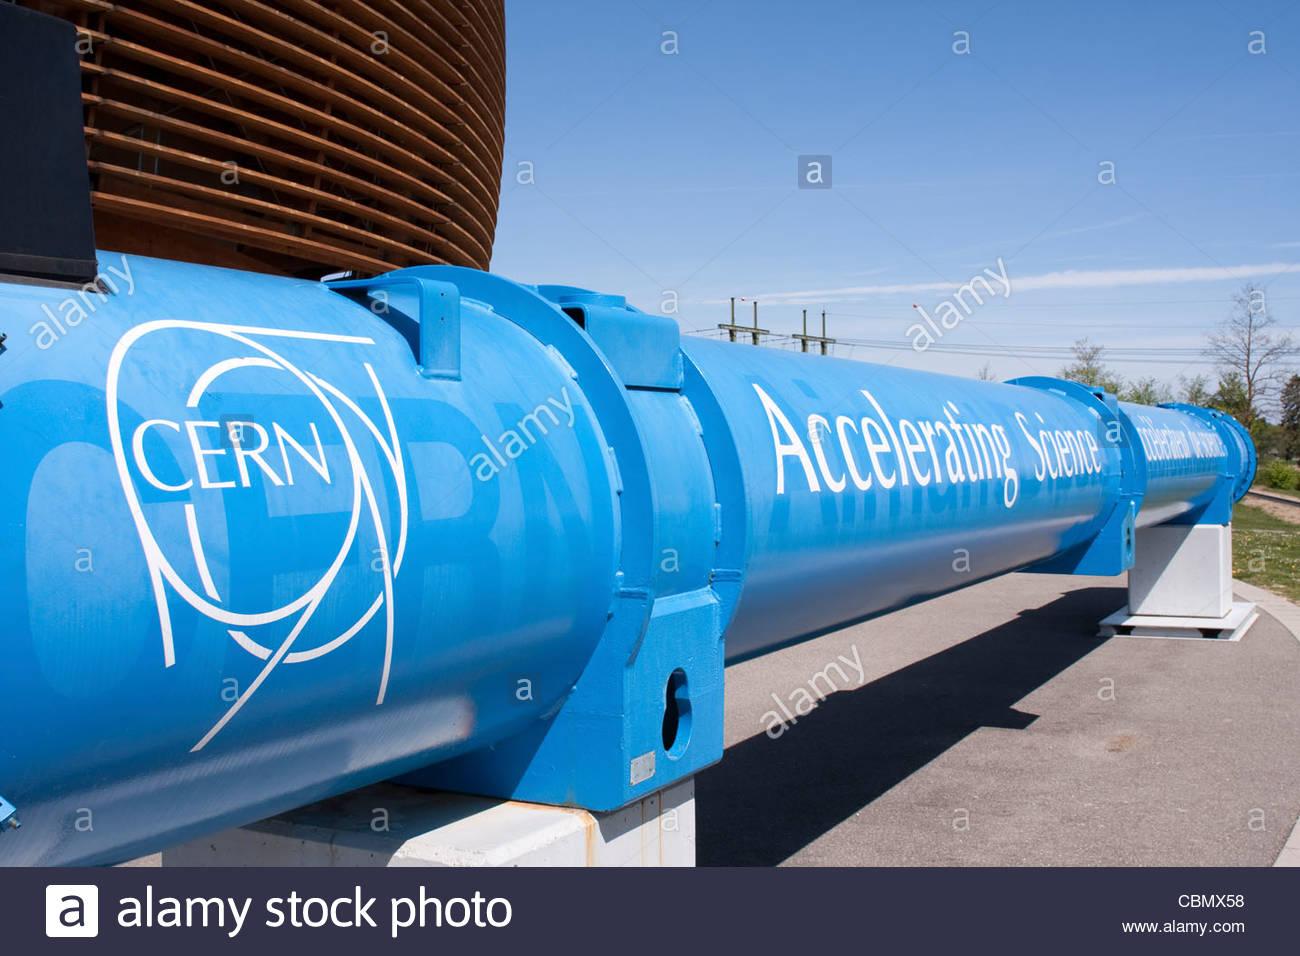 Il Cern accelerando la scienza, Organizzazione europea per la ricerca nucleare (Cern, Svizzera Immagini Stock